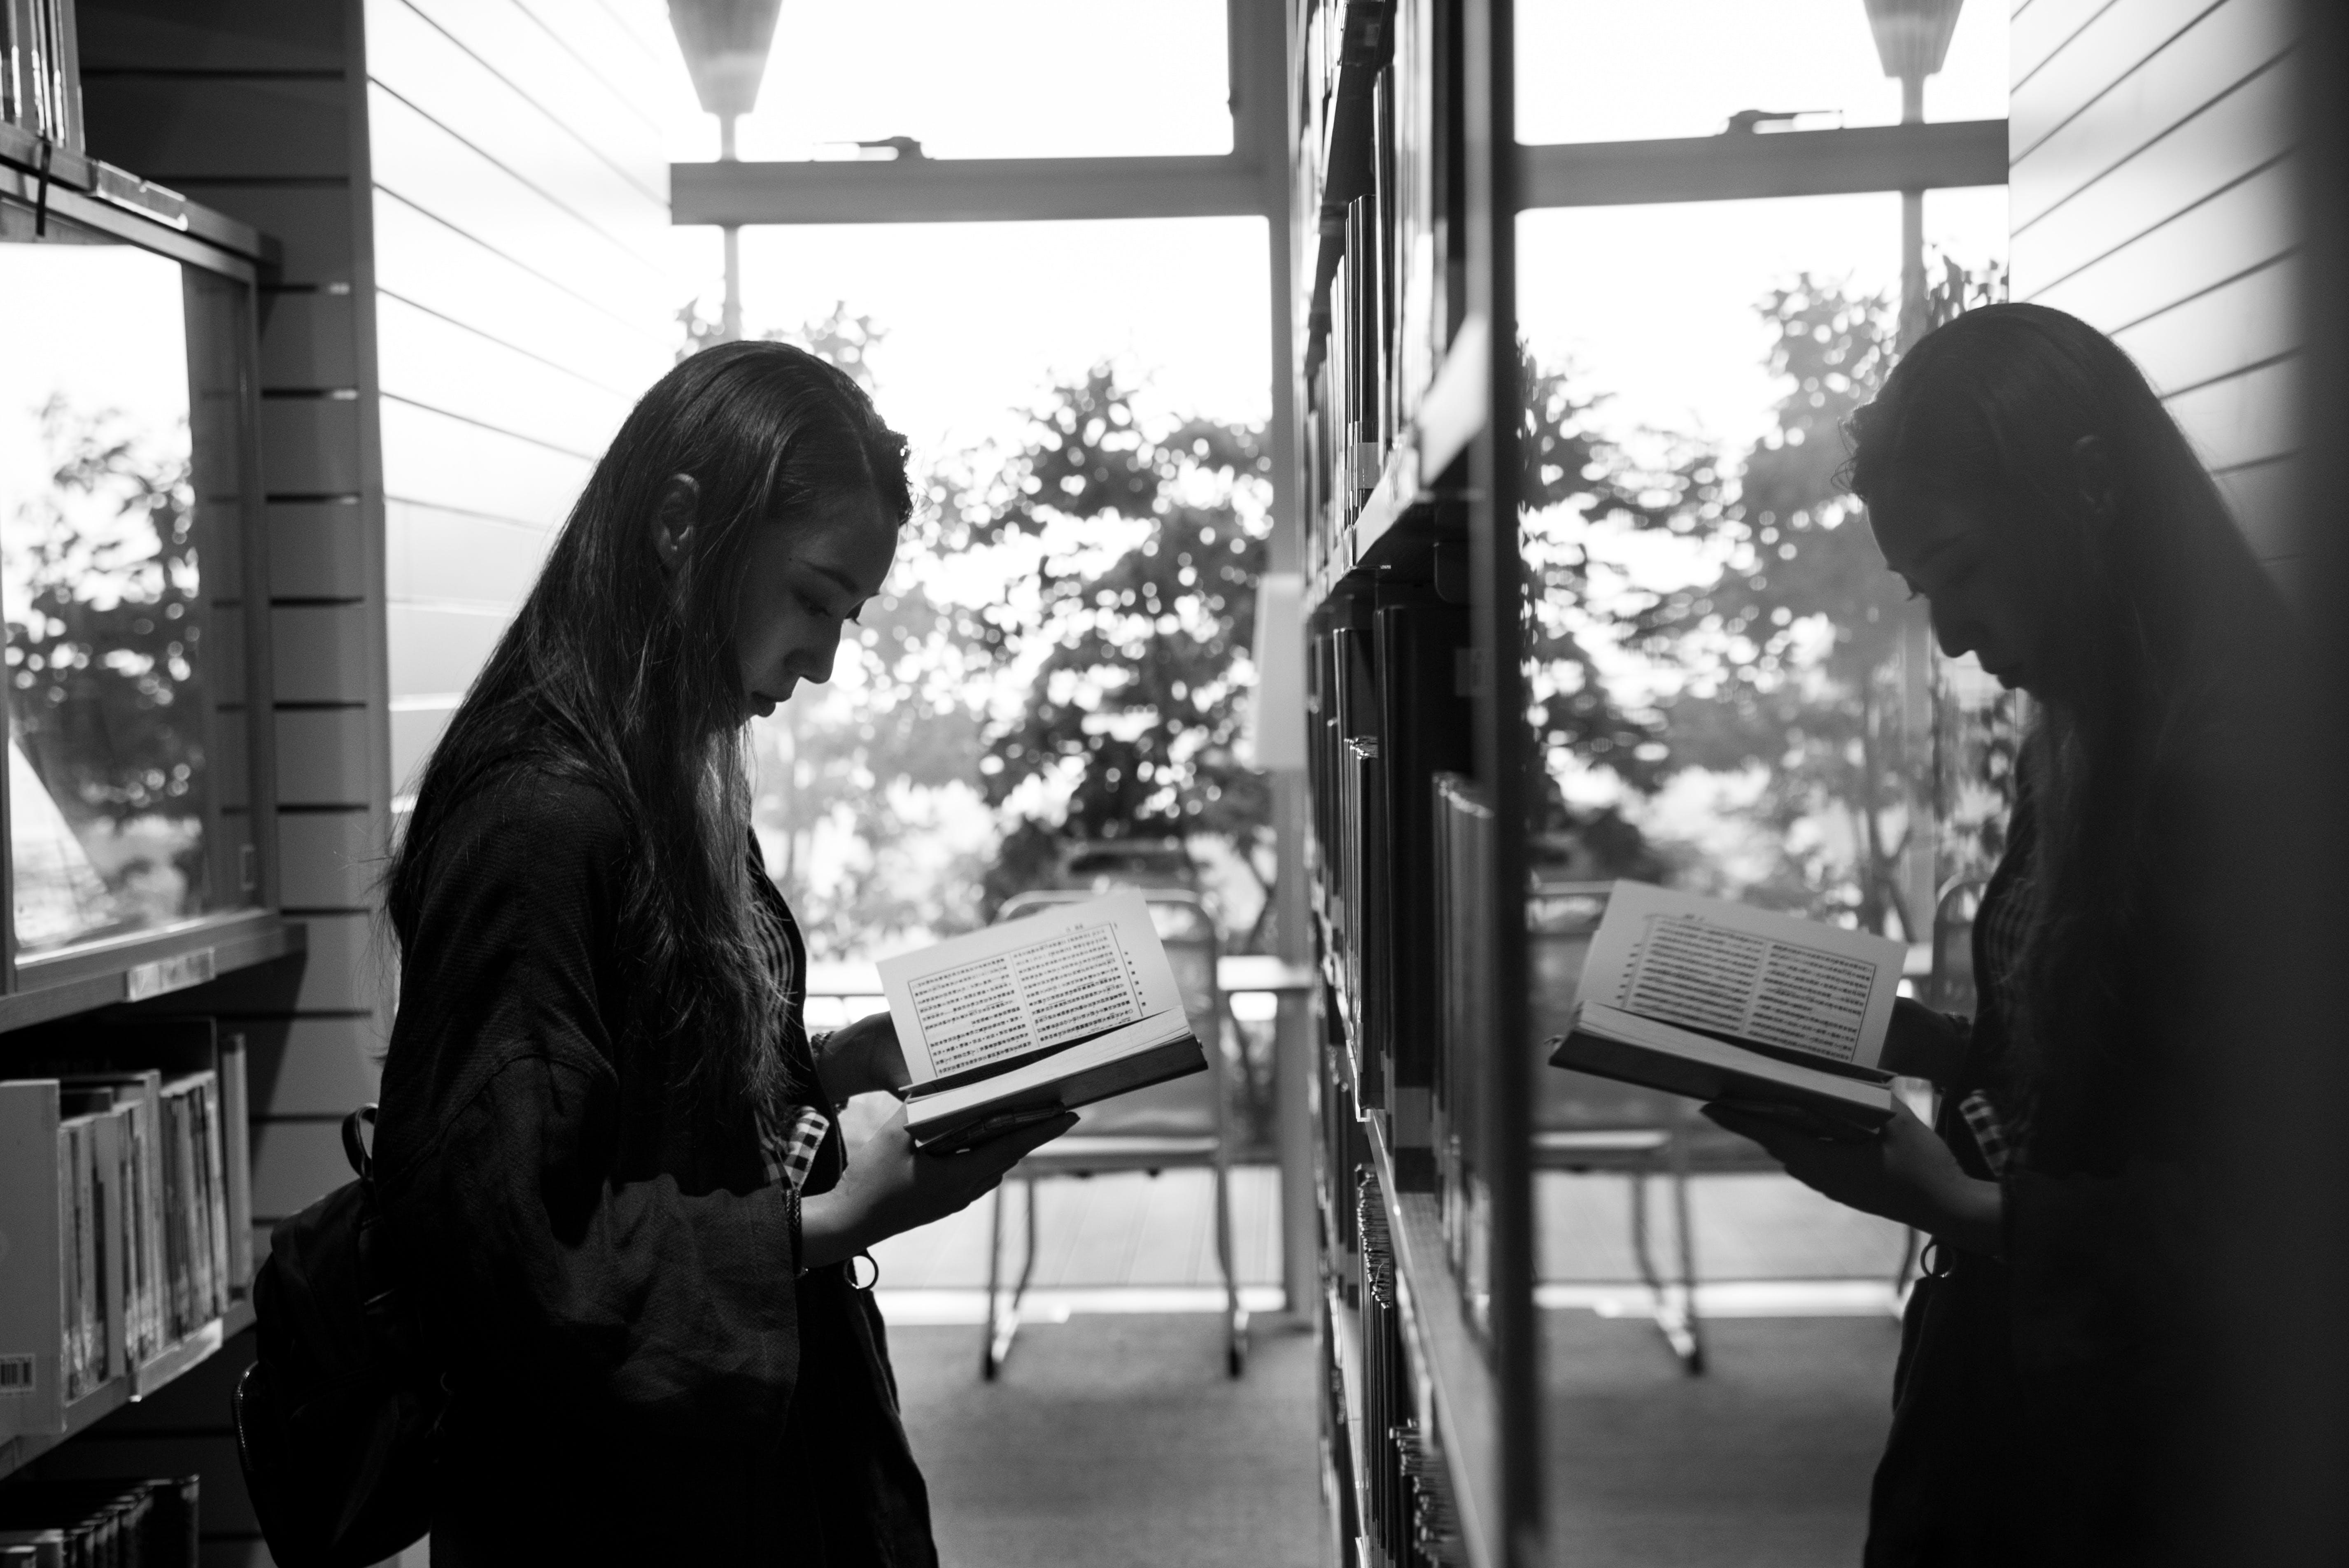 Kostnadsfri bild av ansiktsuttryck, bibliotek, gata, ha på sig